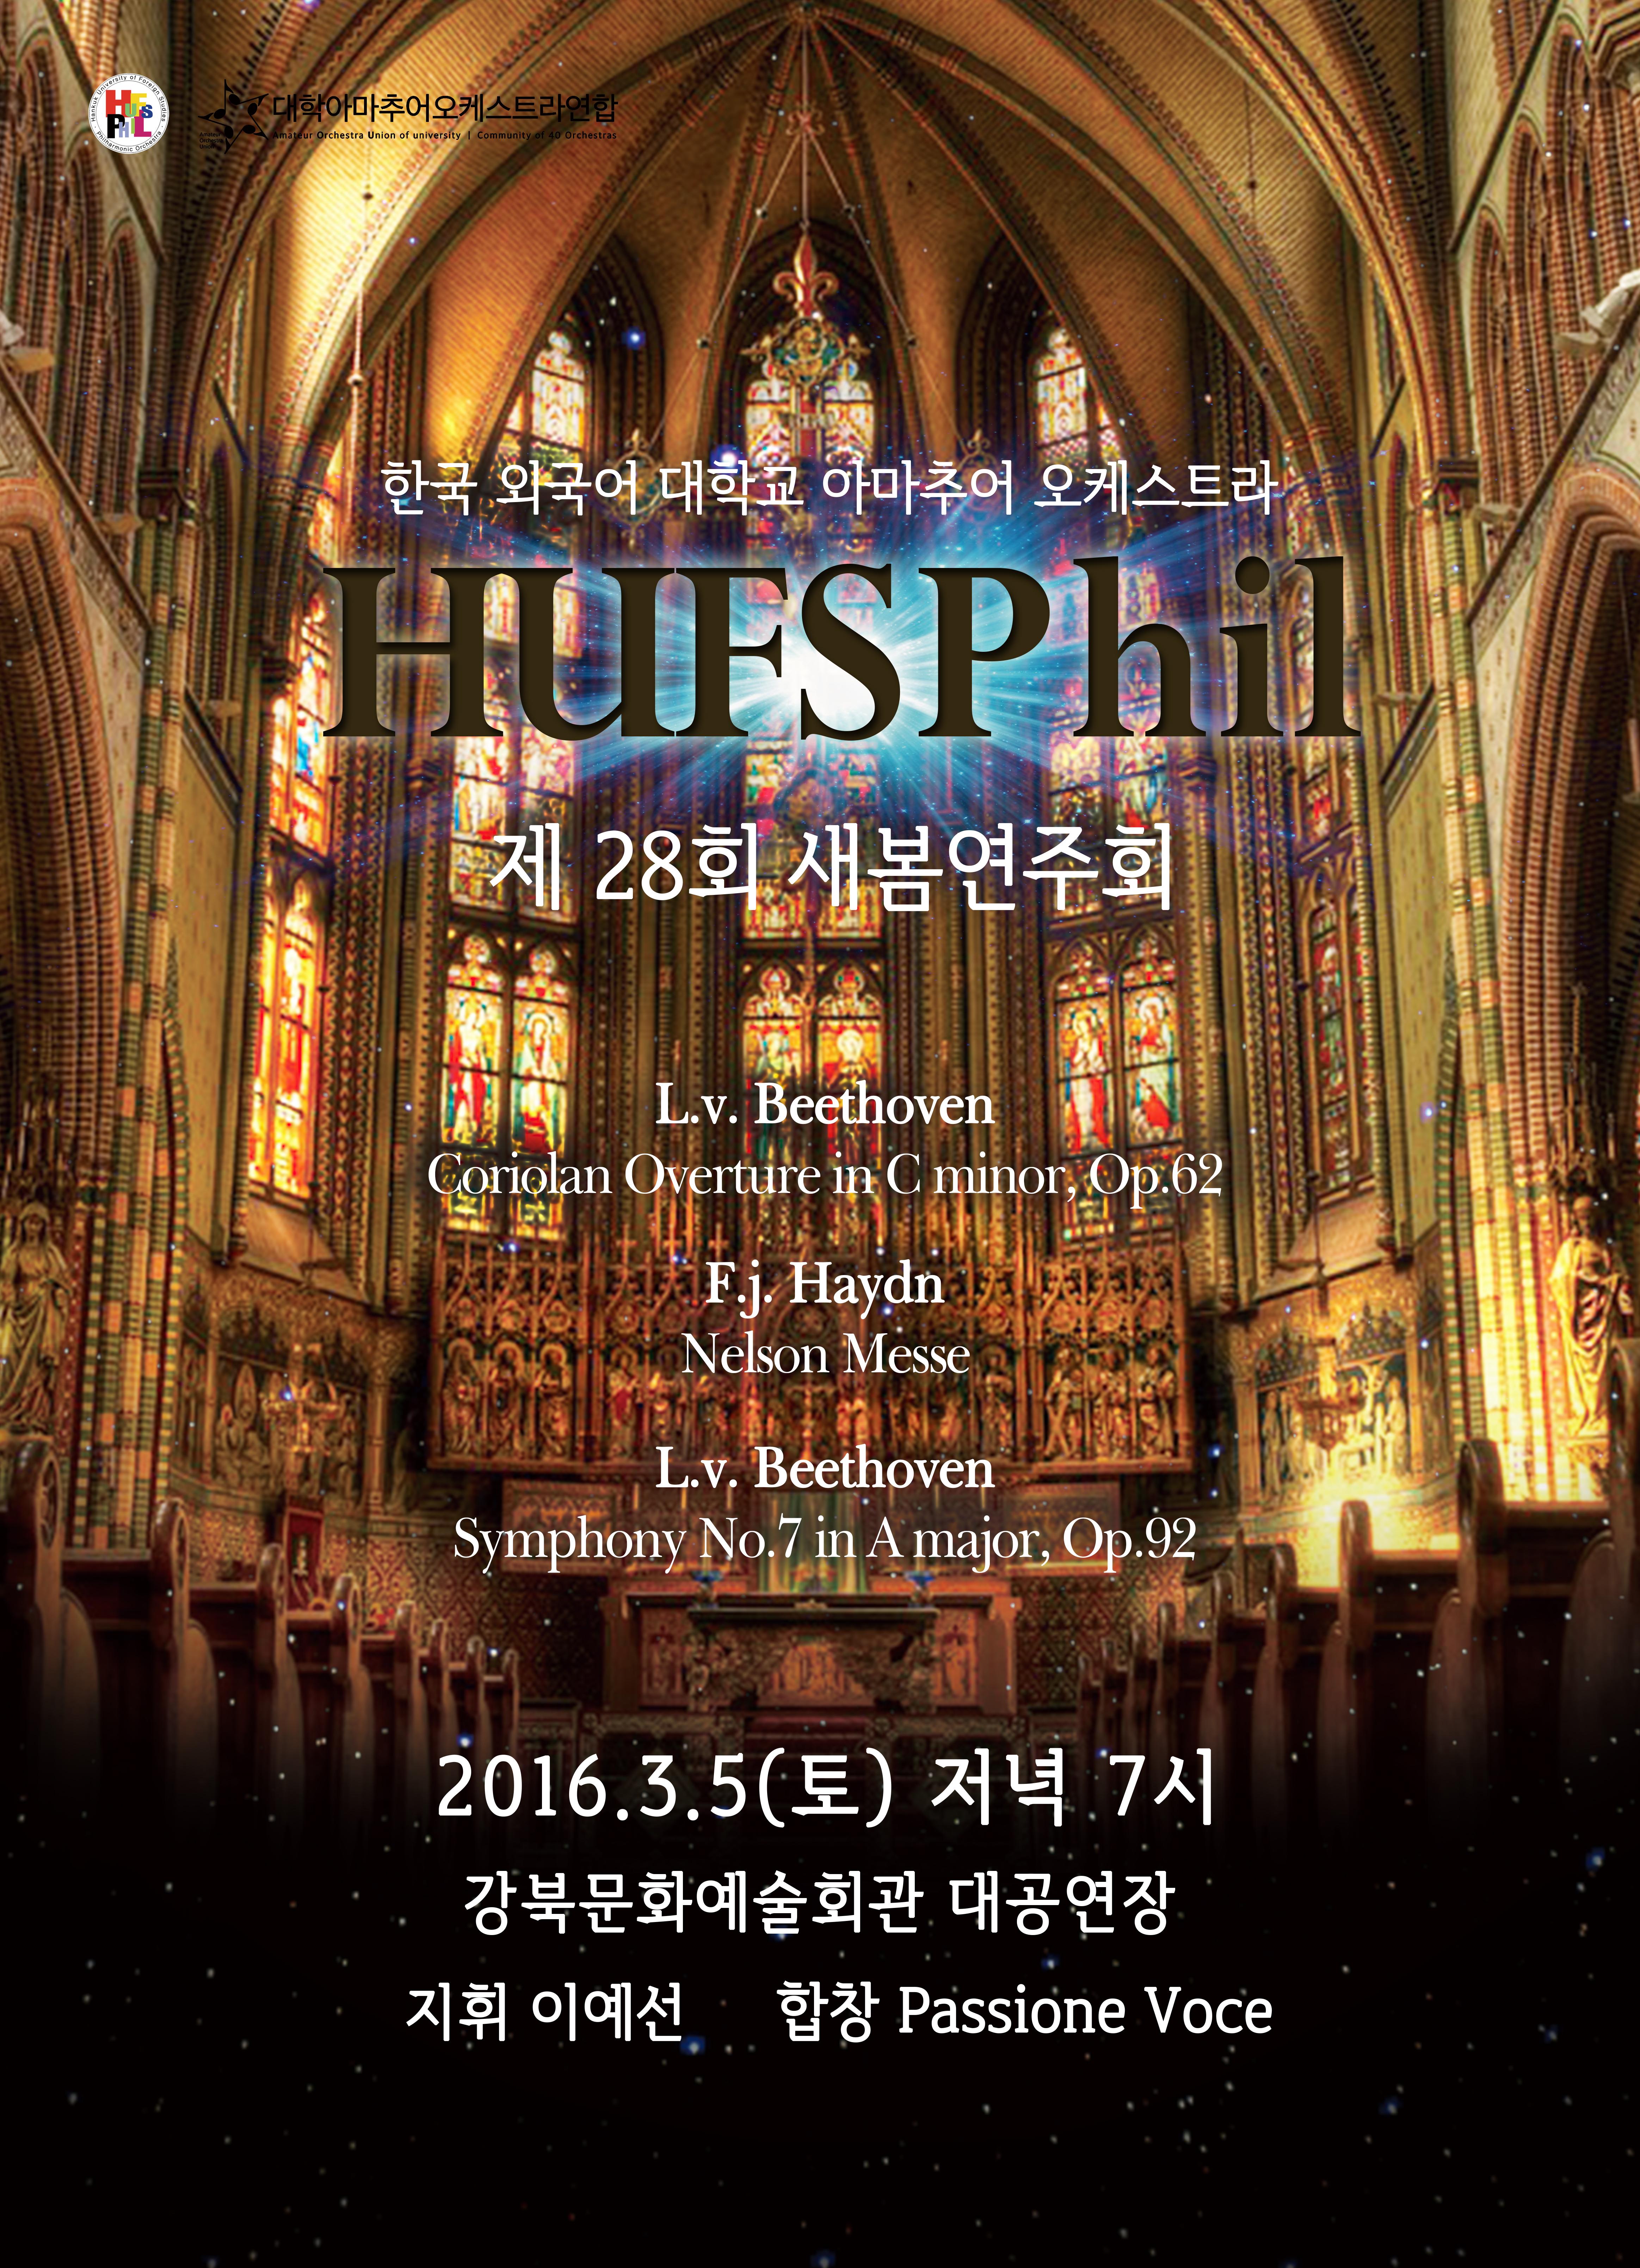 2016 새봄 포스터 수정.jpg